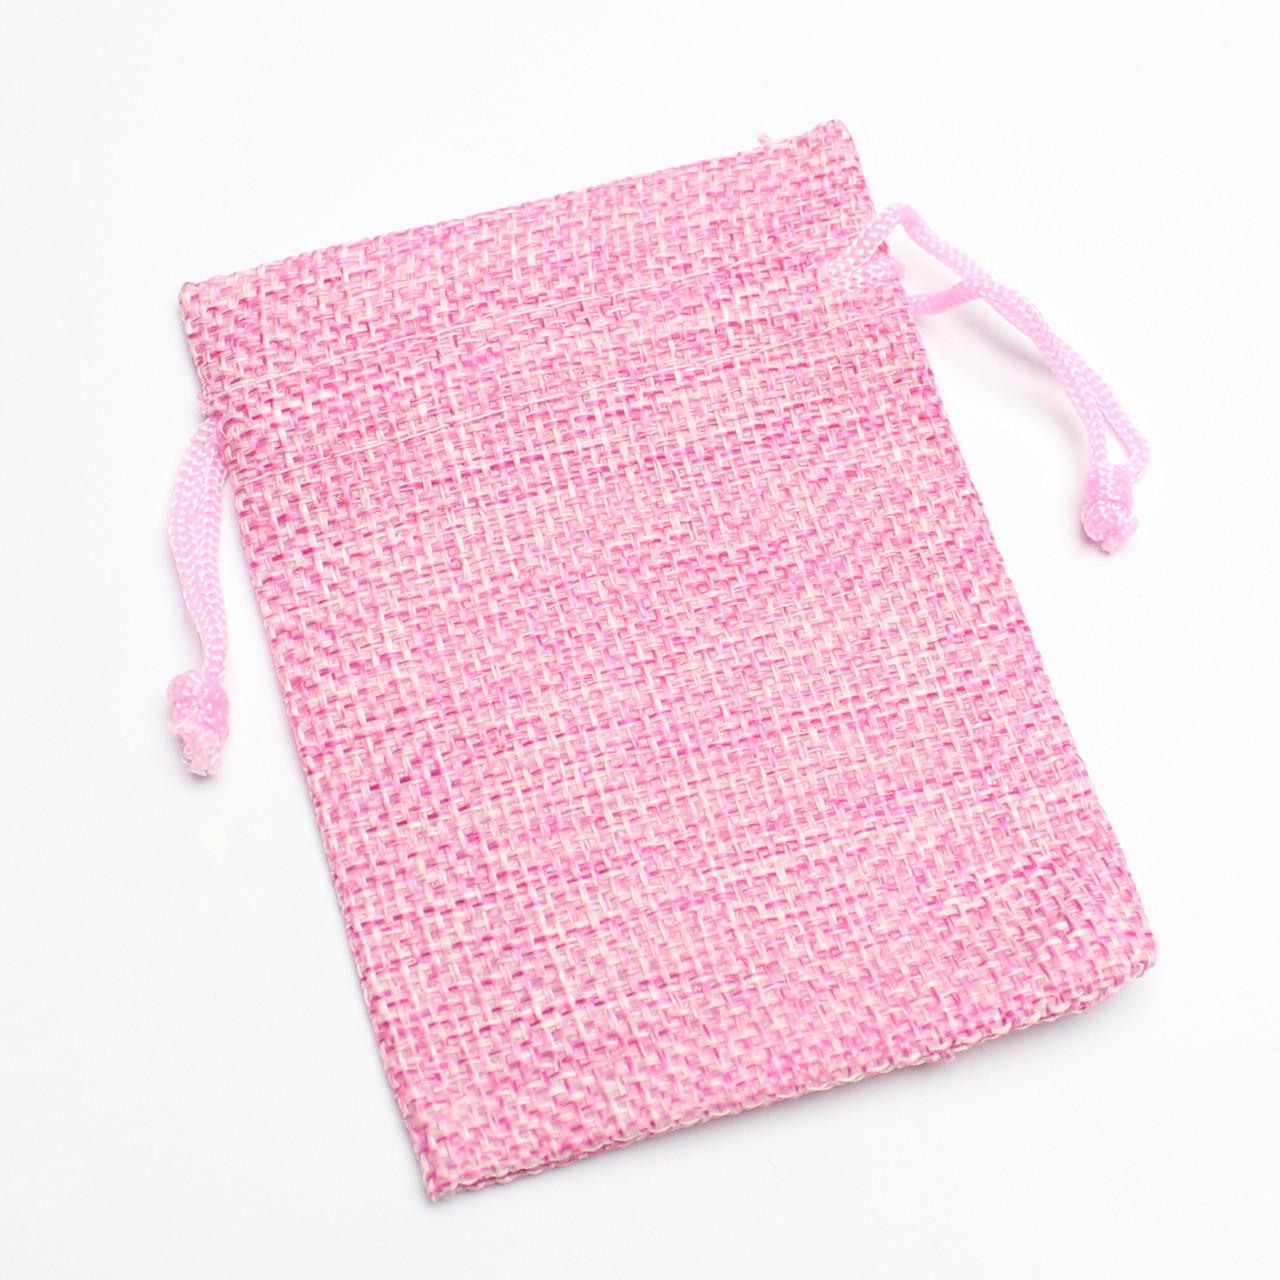 Мешок тканевый лен розовый 7/9 см